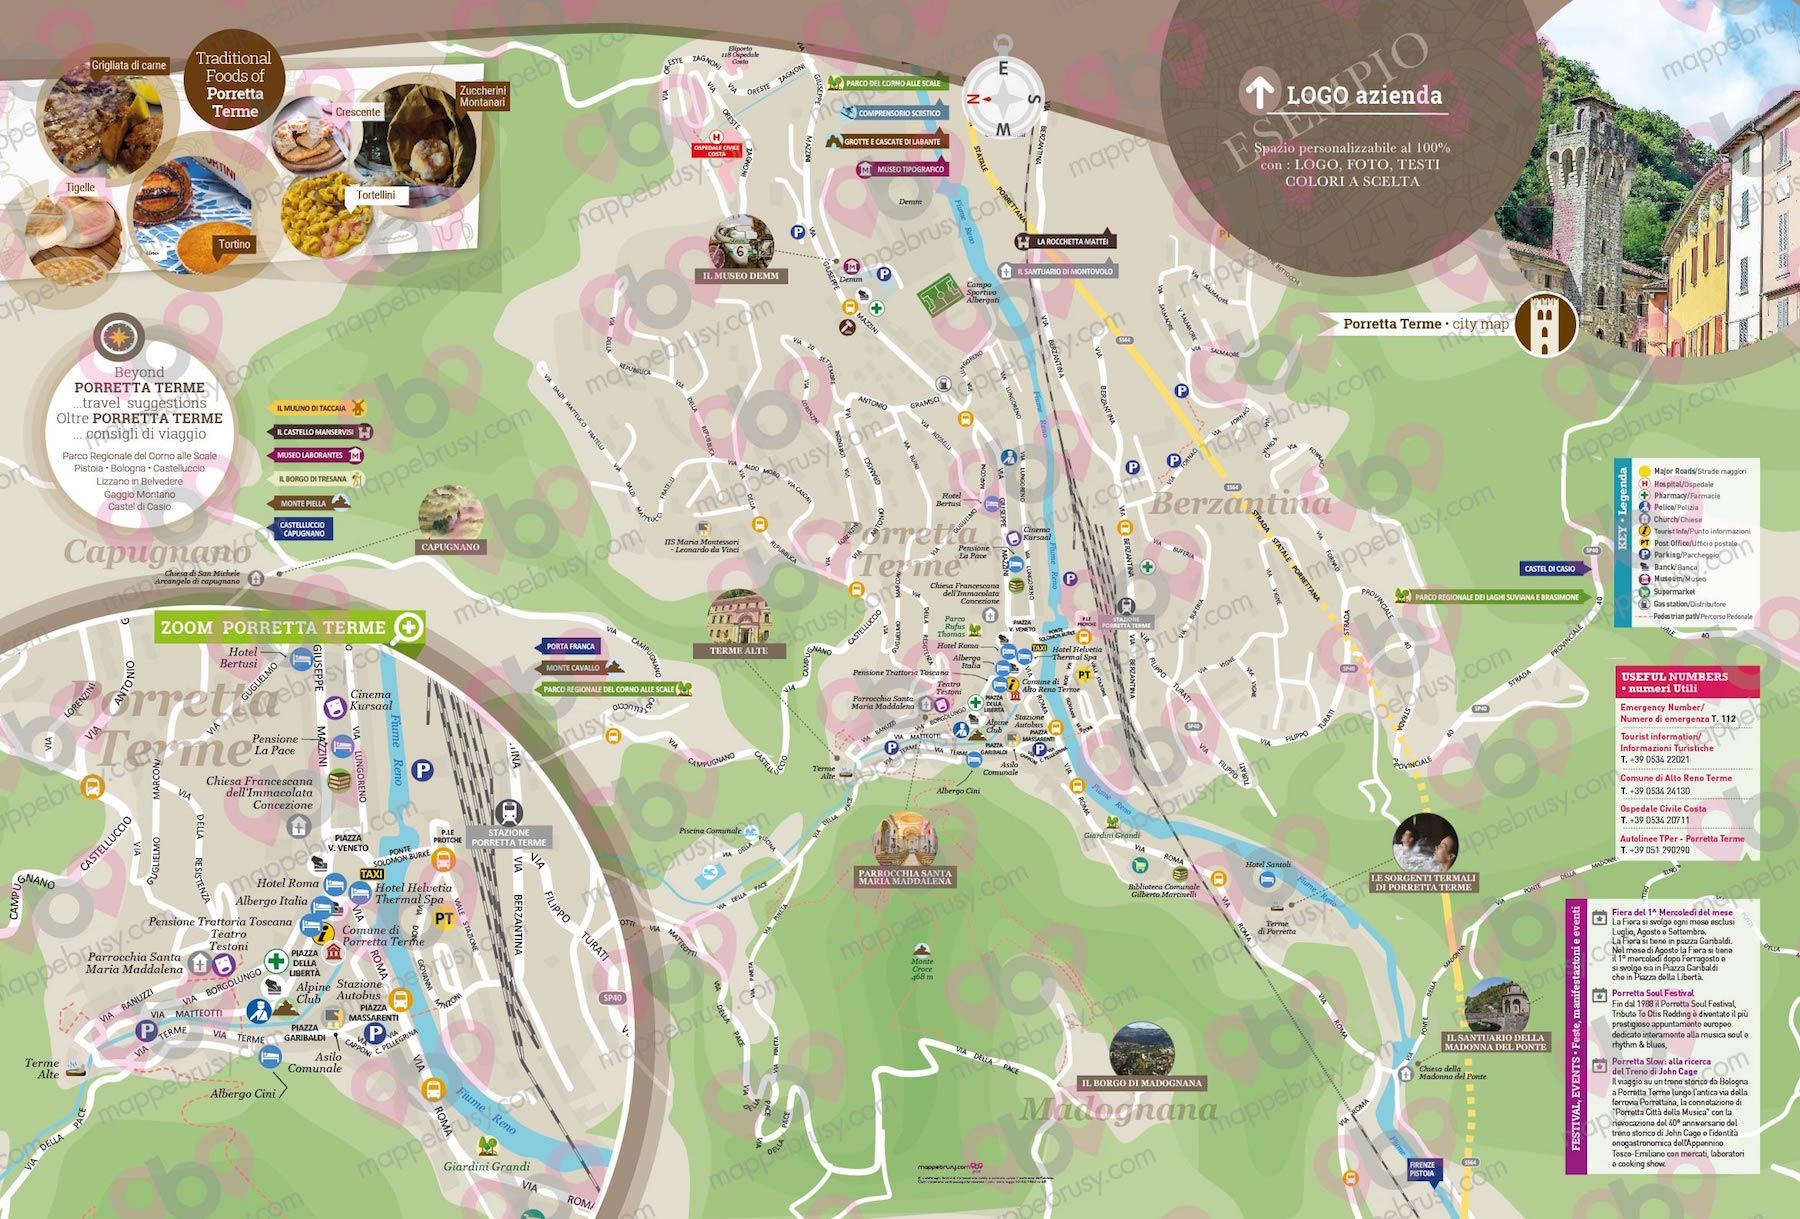 Mappa di Porretta Terme-Brusy©